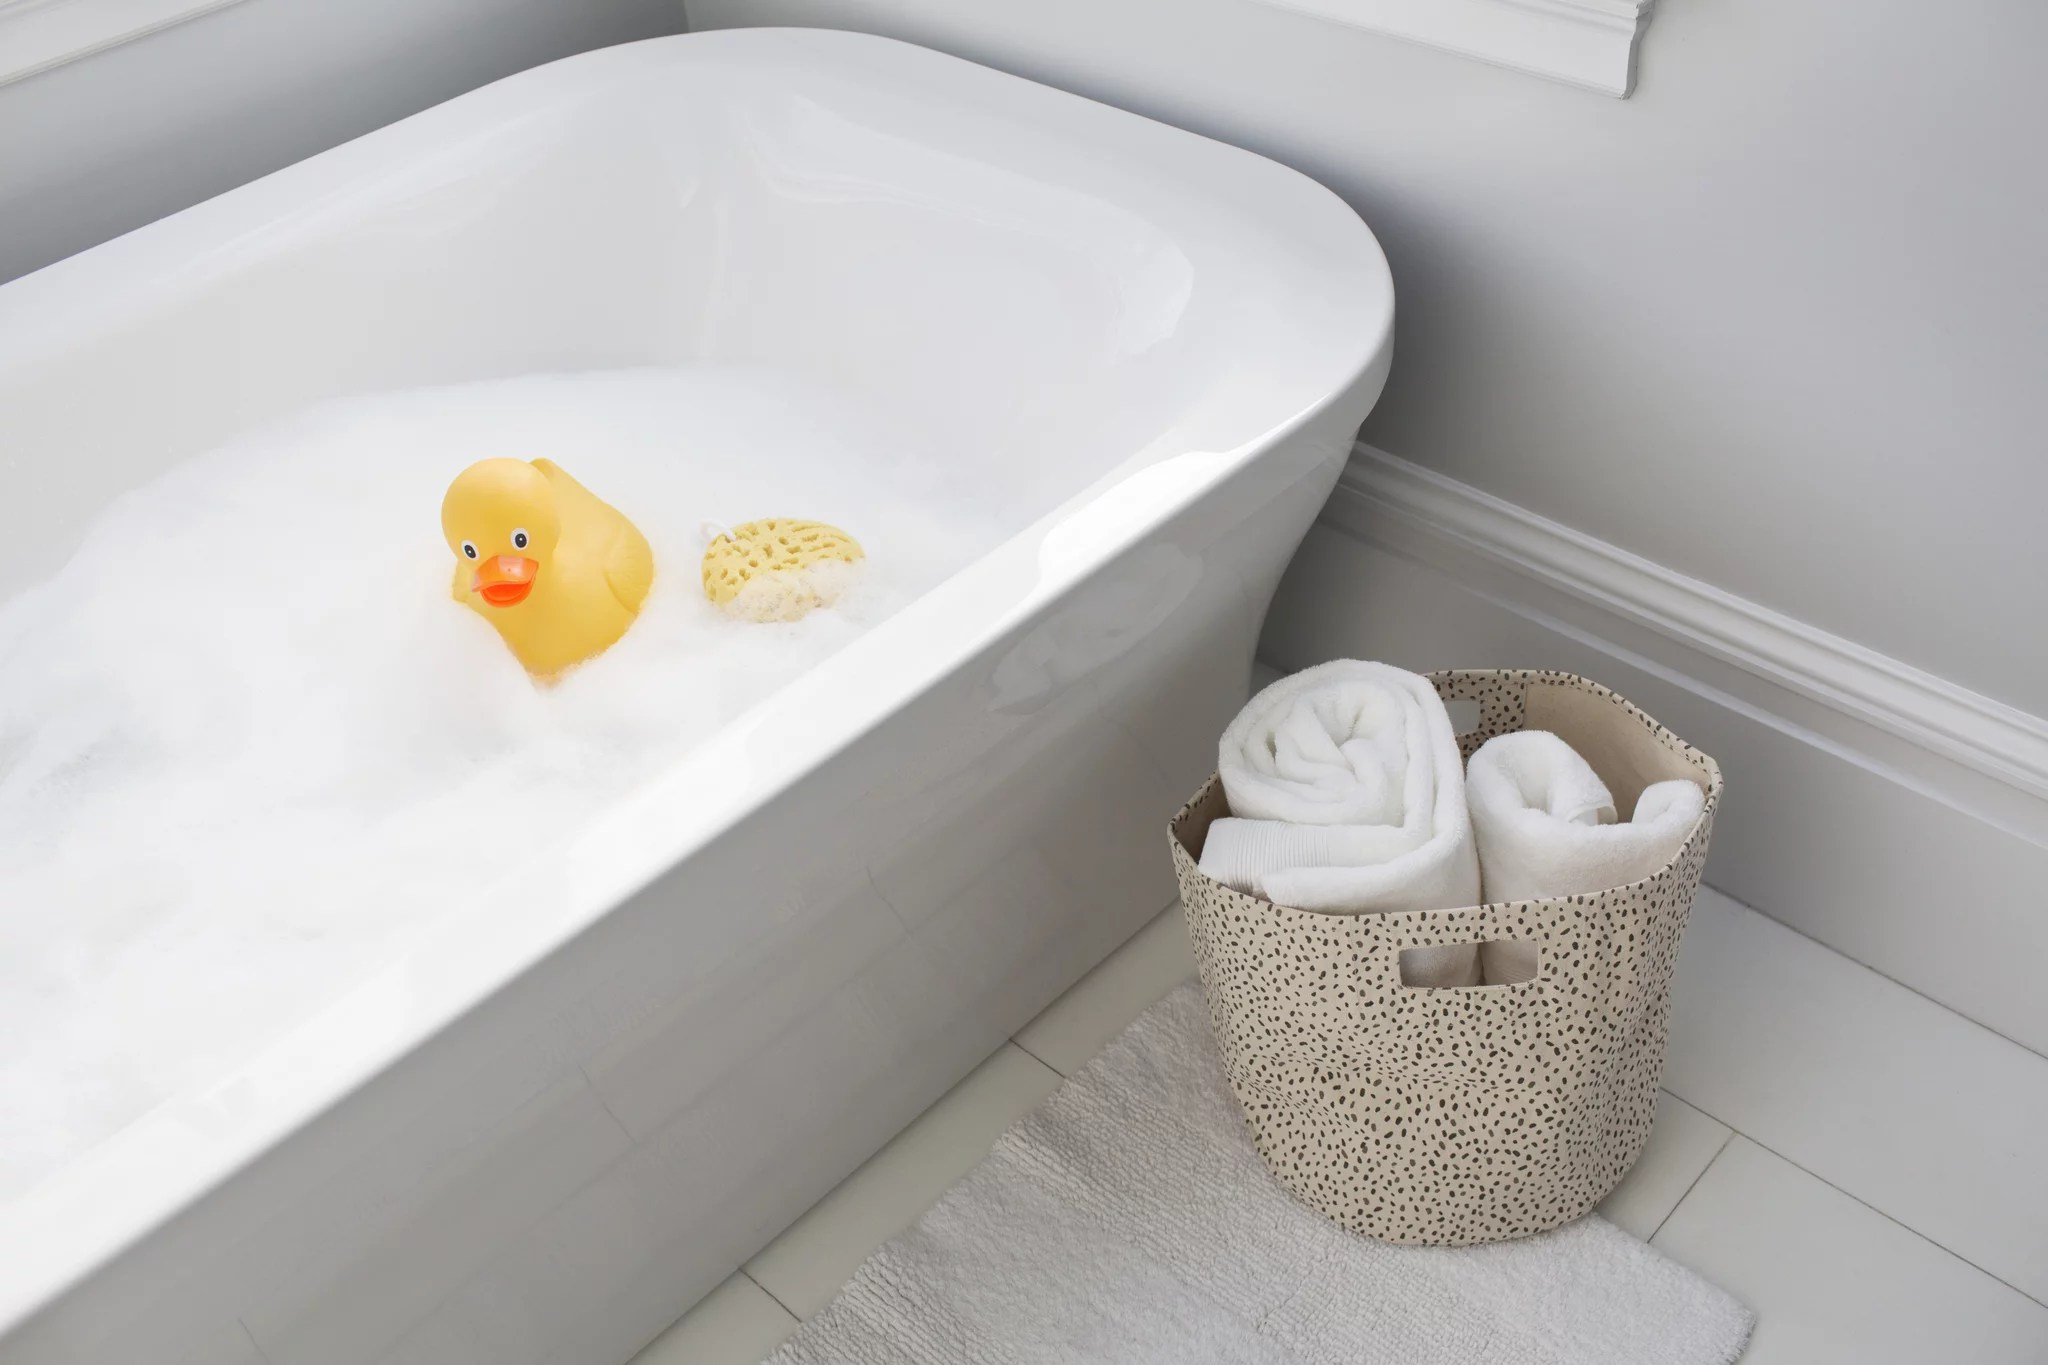 Homemade No Scrub Tub Cleaner Popsugar Smart Living